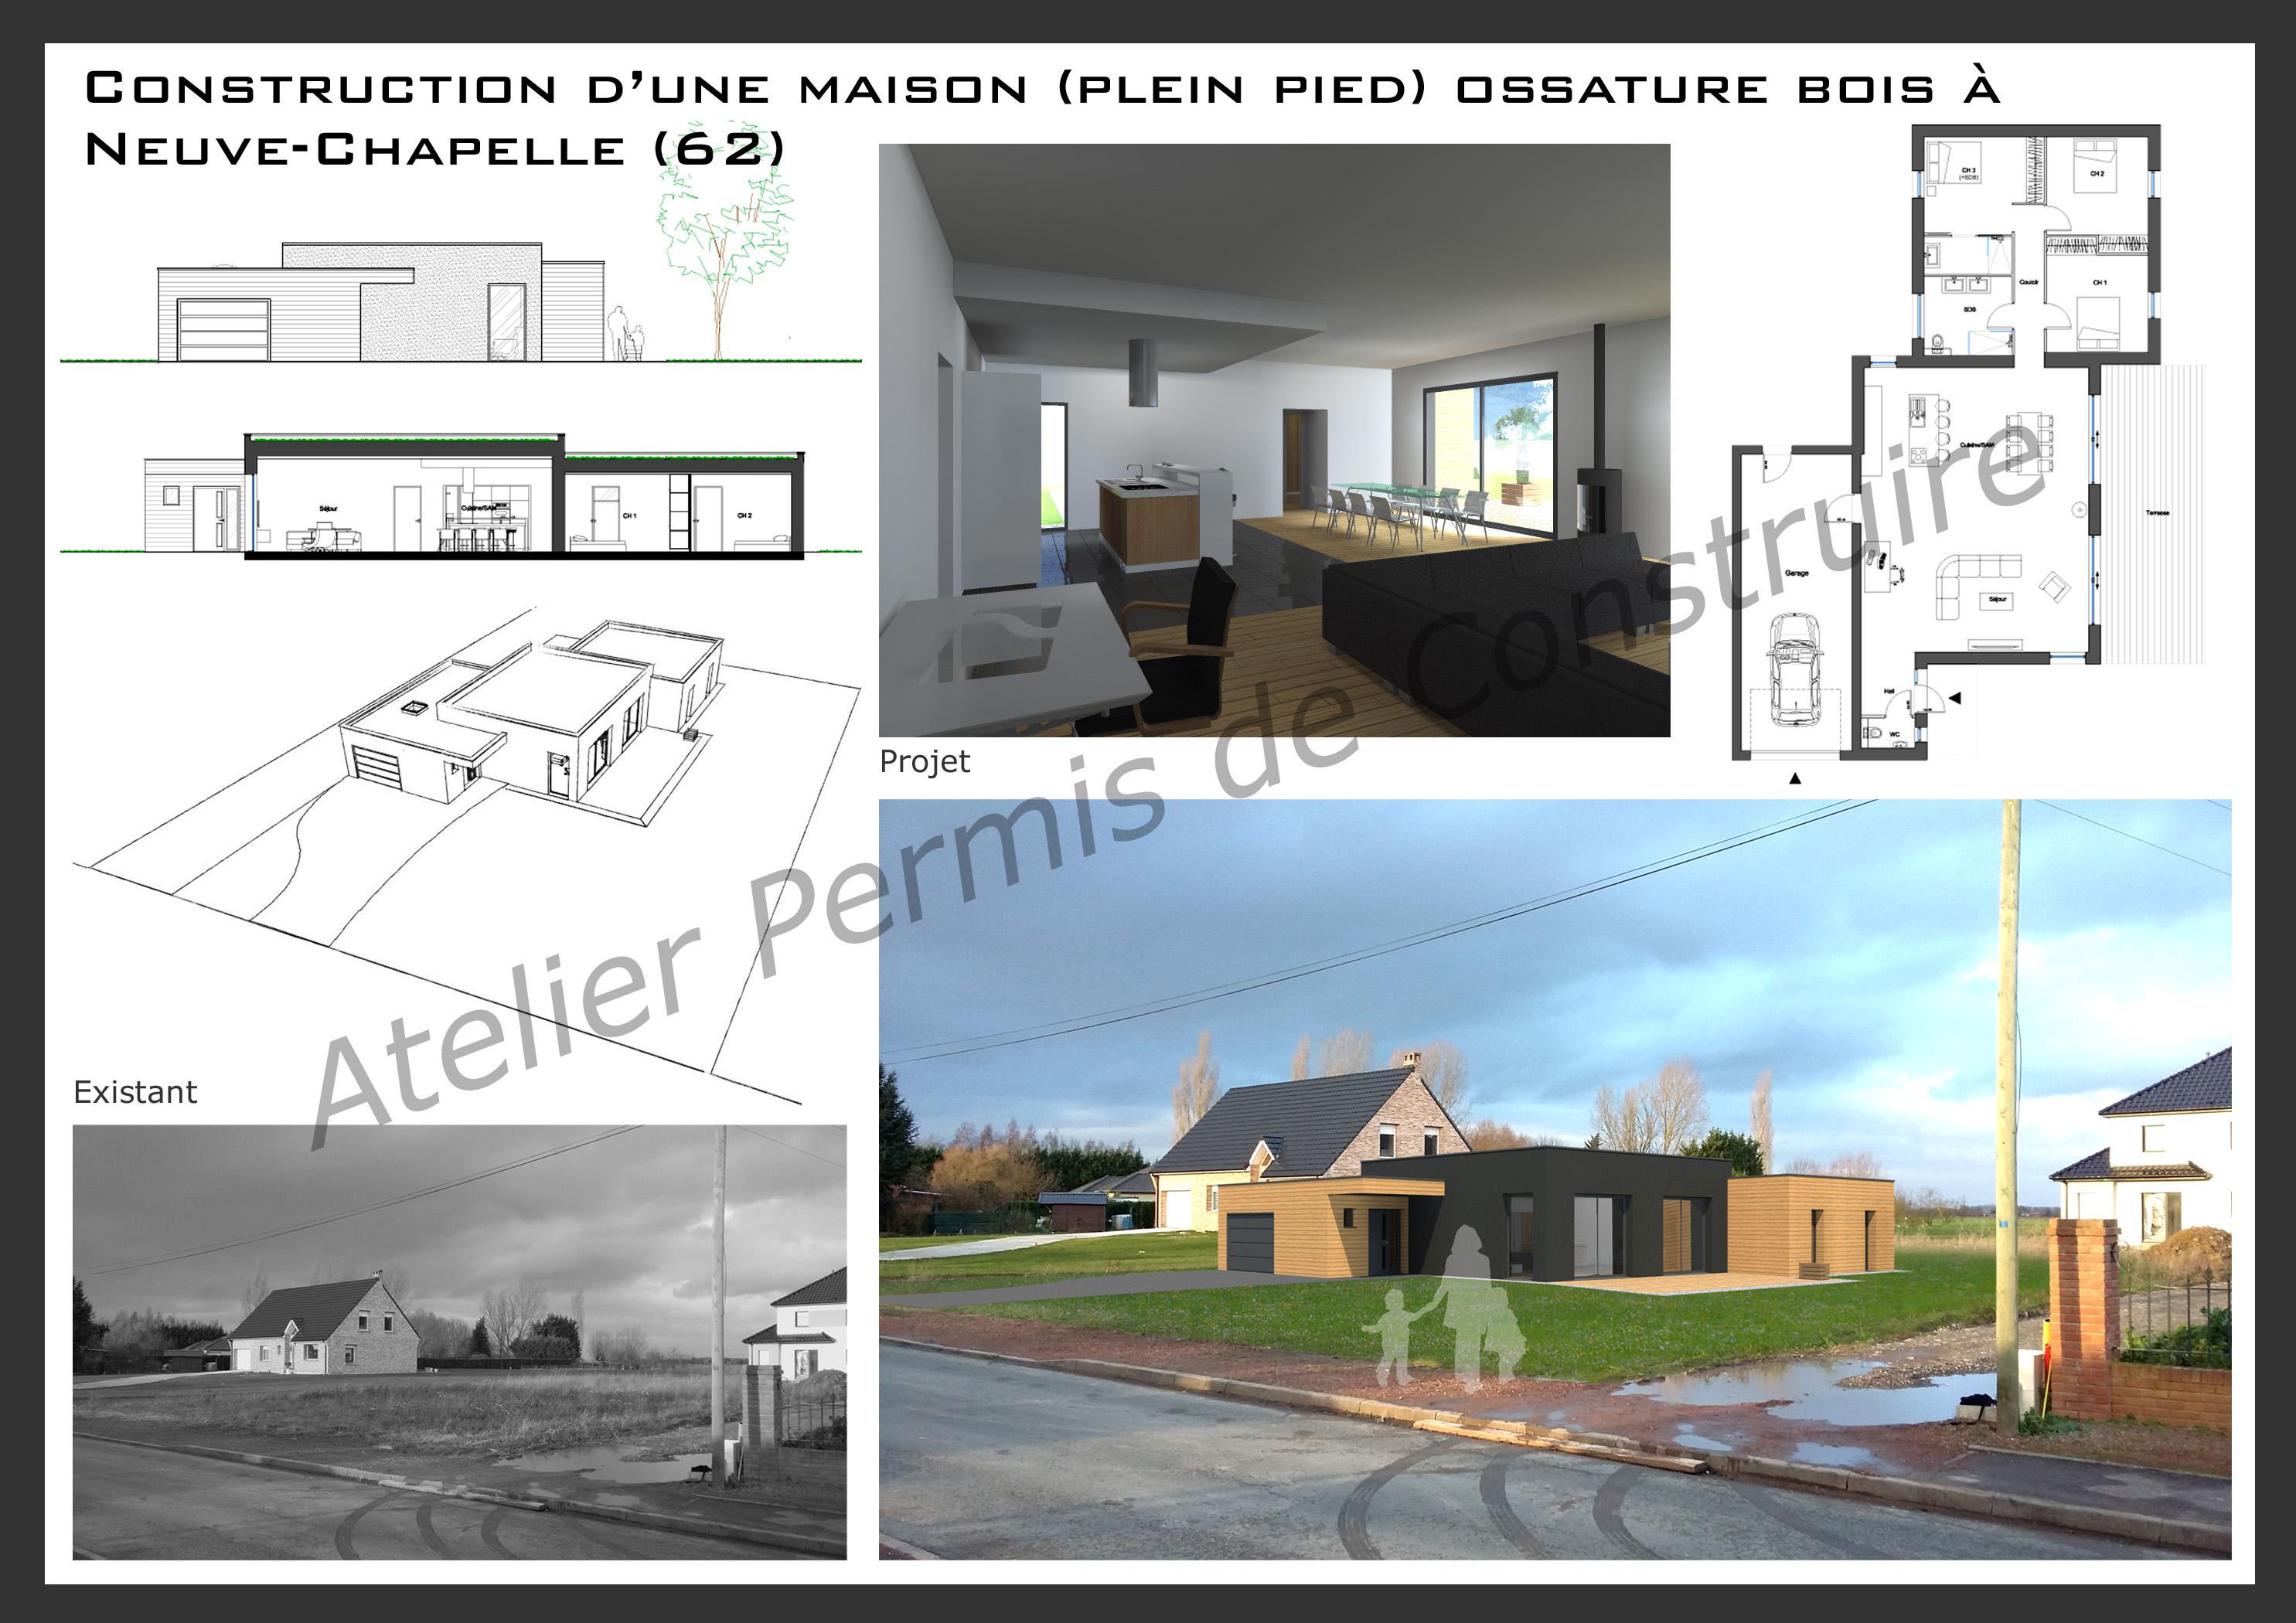 Cheap atelier permis de construire maison neuve chapelle for Calculer le prix de sa maison